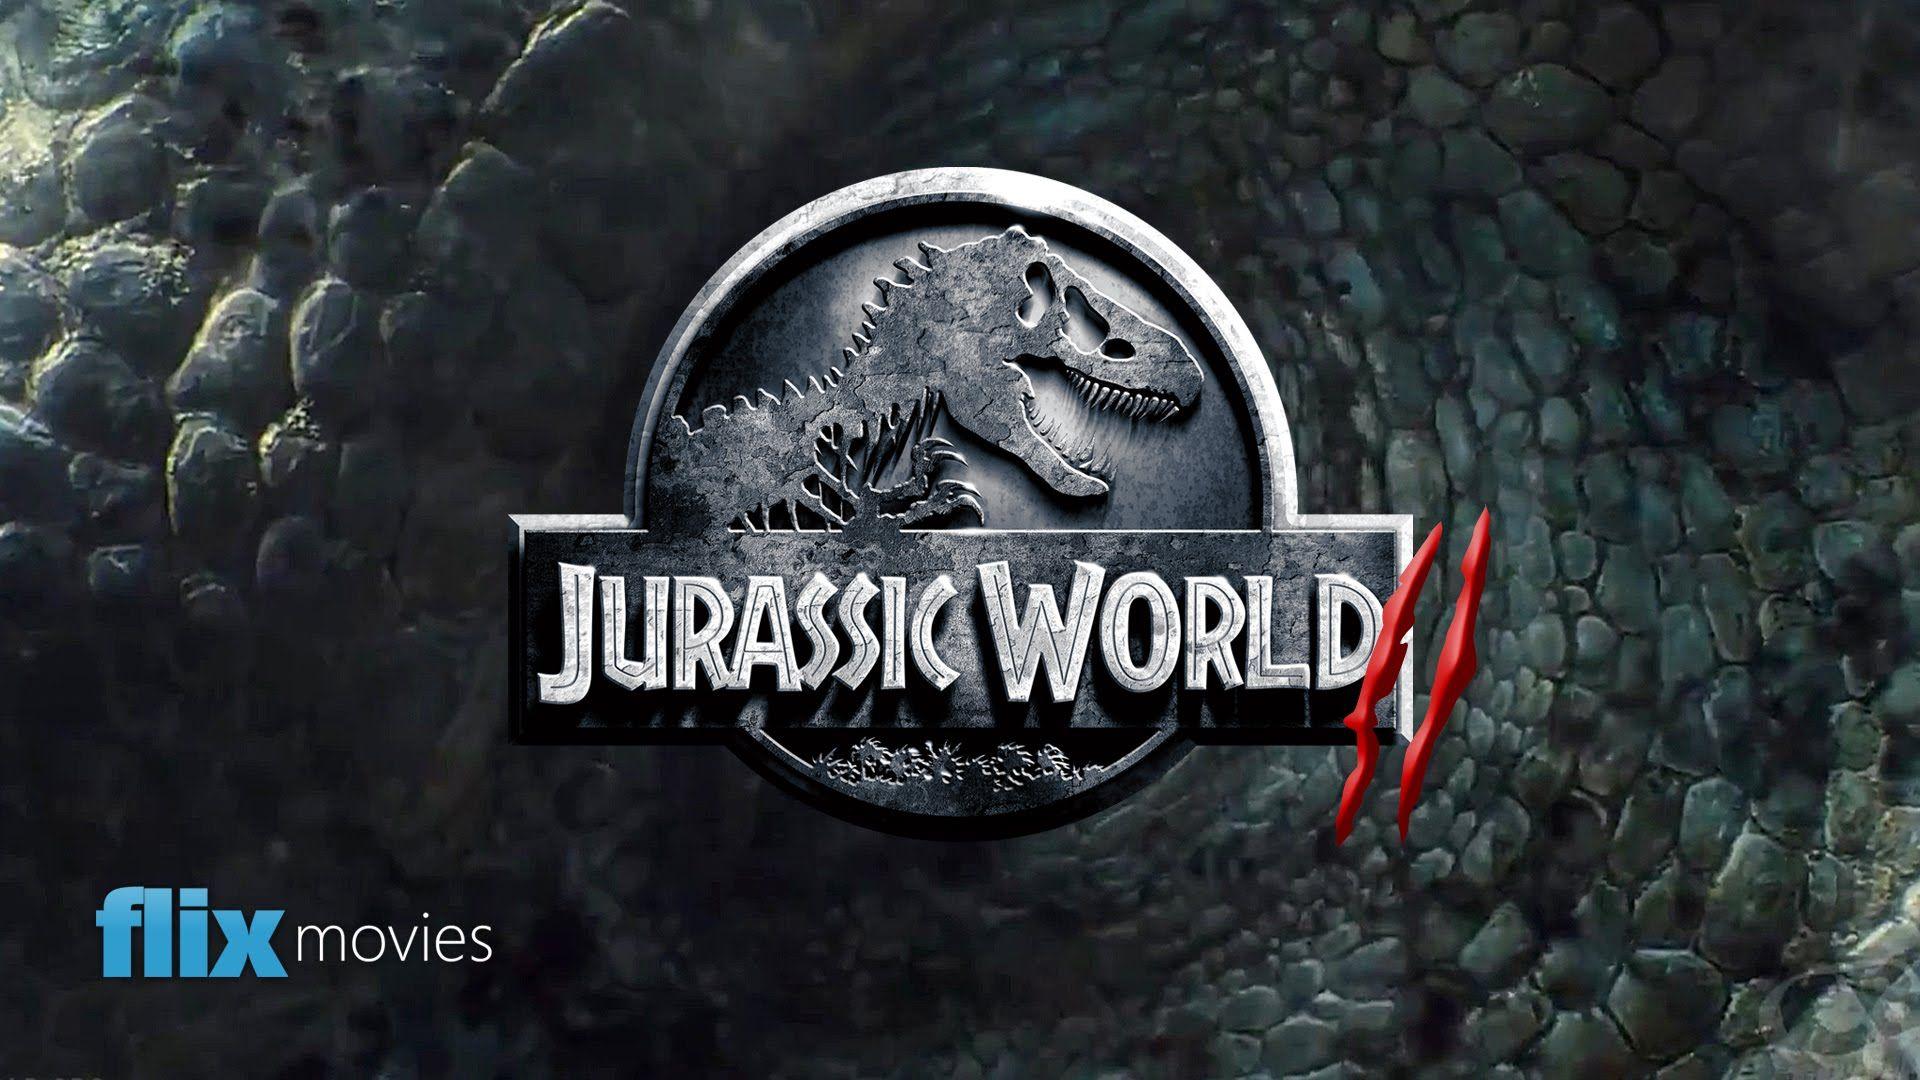 Jurassic World , Chris Pratt, Jurassic Park, Bryce Dallas Howard